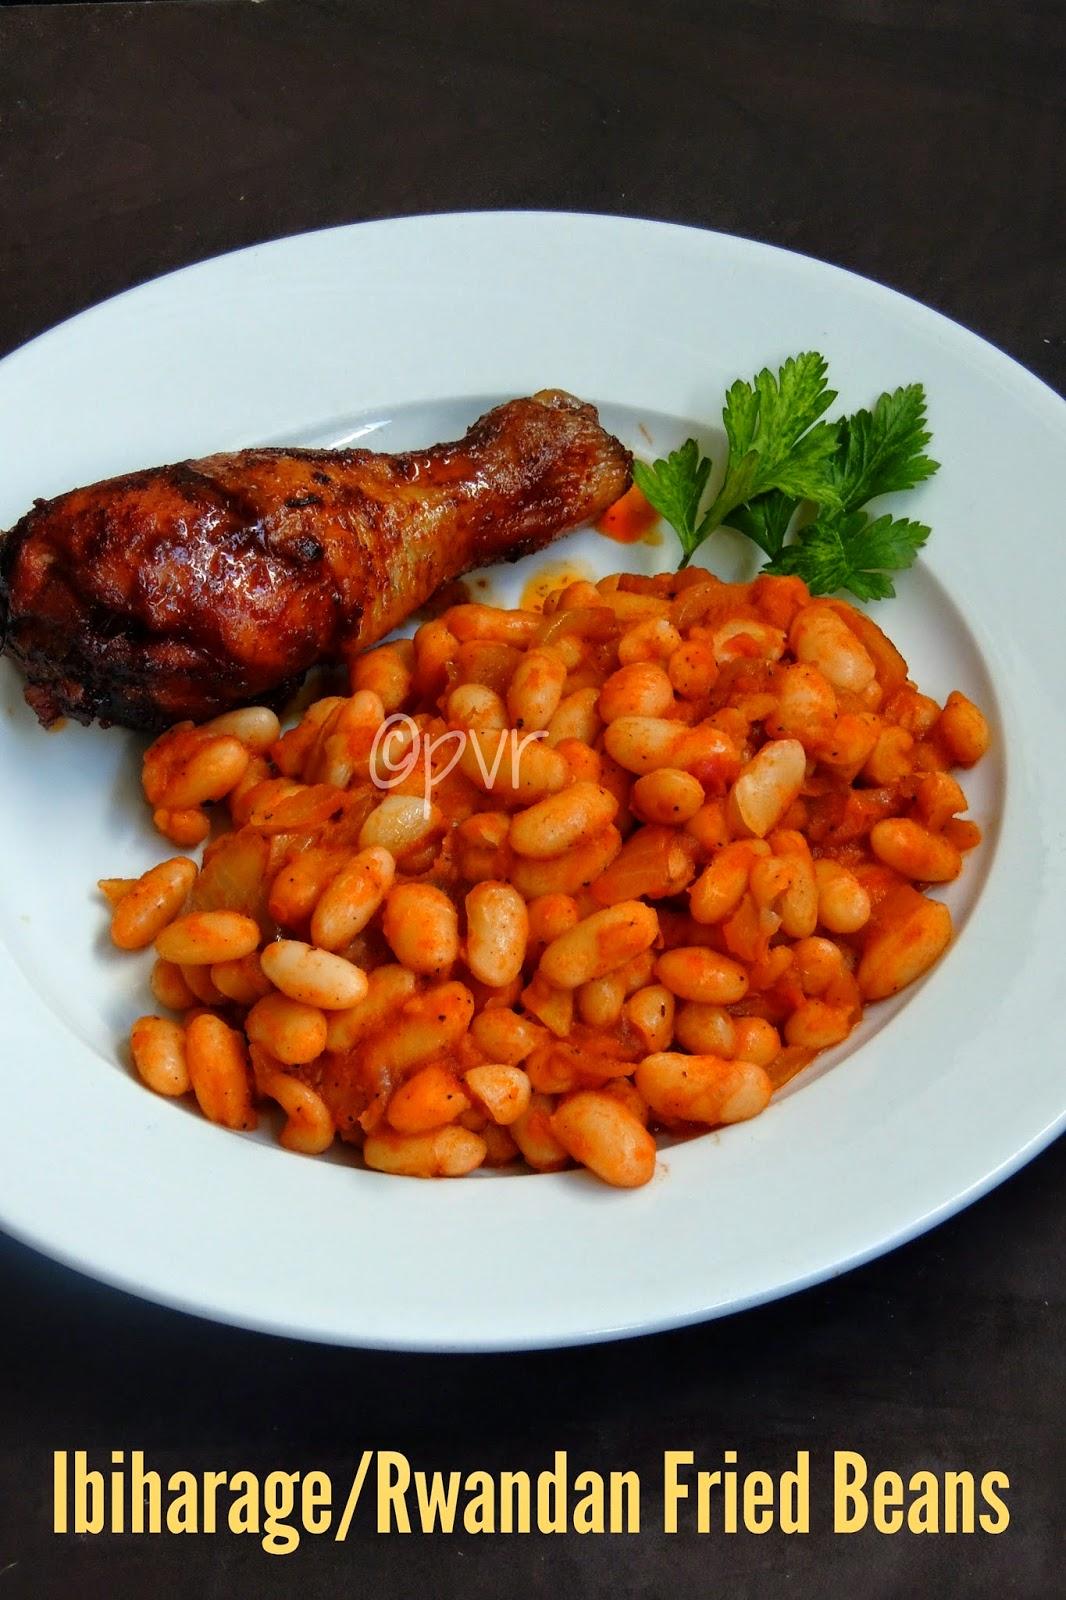 Rwandan beans, Fried Beans in Rwandan style, Ibiharage